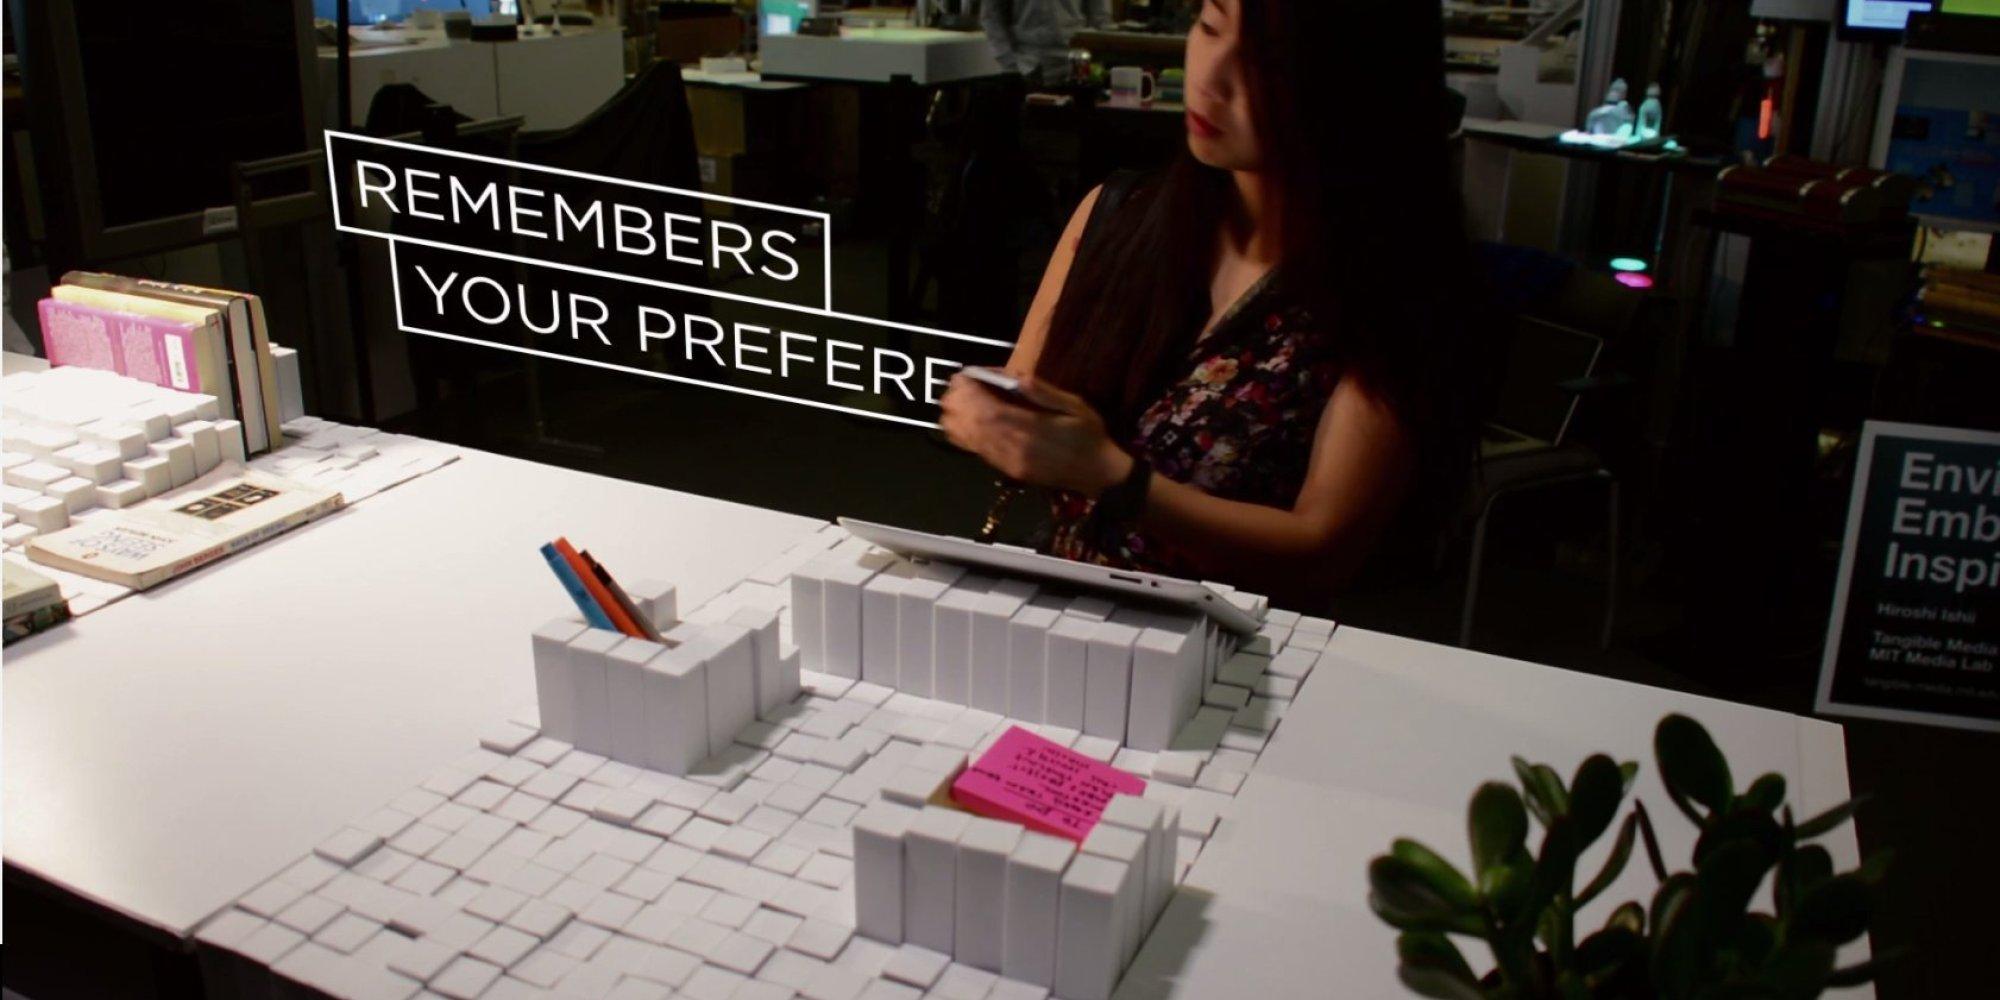 le bureau modulable de demain imagin par le mit vid os. Black Bedroom Furniture Sets. Home Design Ideas